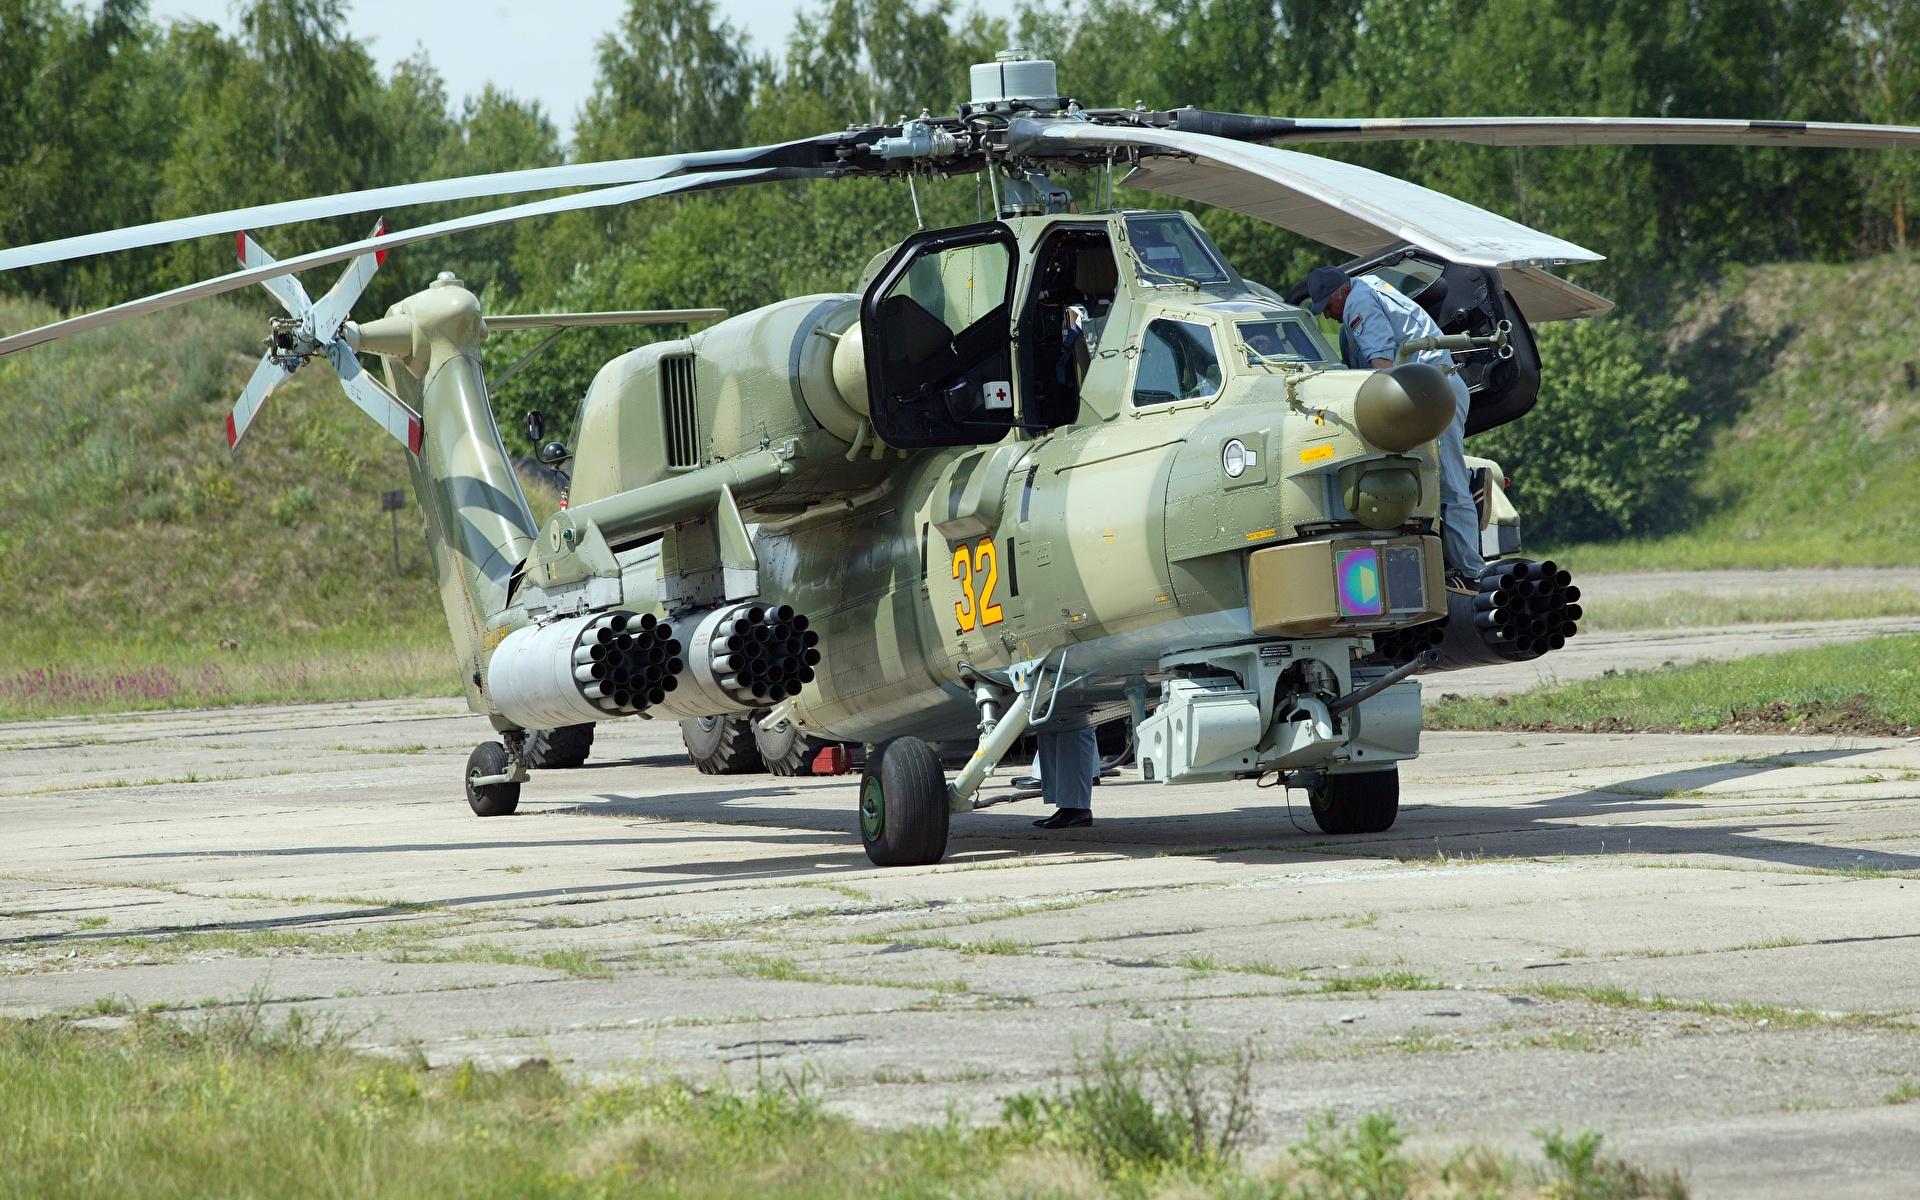 Afbeelding Helikopters Camouflage Russische Mi-28 Night hunter Luchtvaart 1920x1200 helikopter